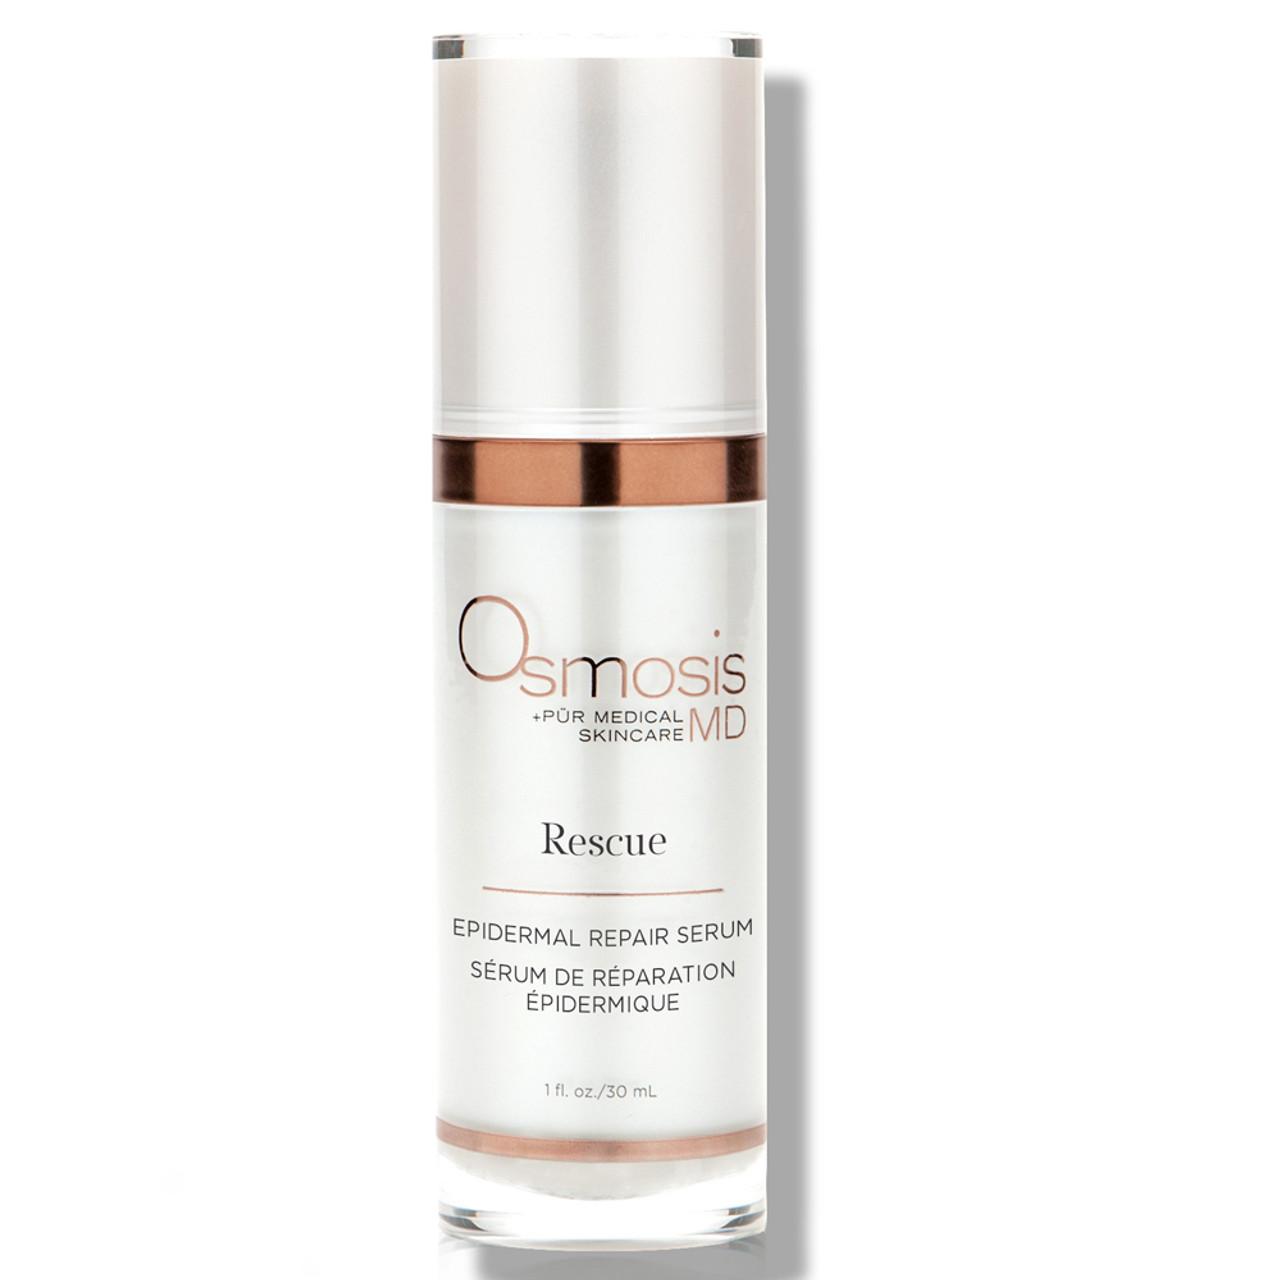 Osmosis +Skincare MD Rescue - Epidermal Repair Serum BeautifiedYou.com